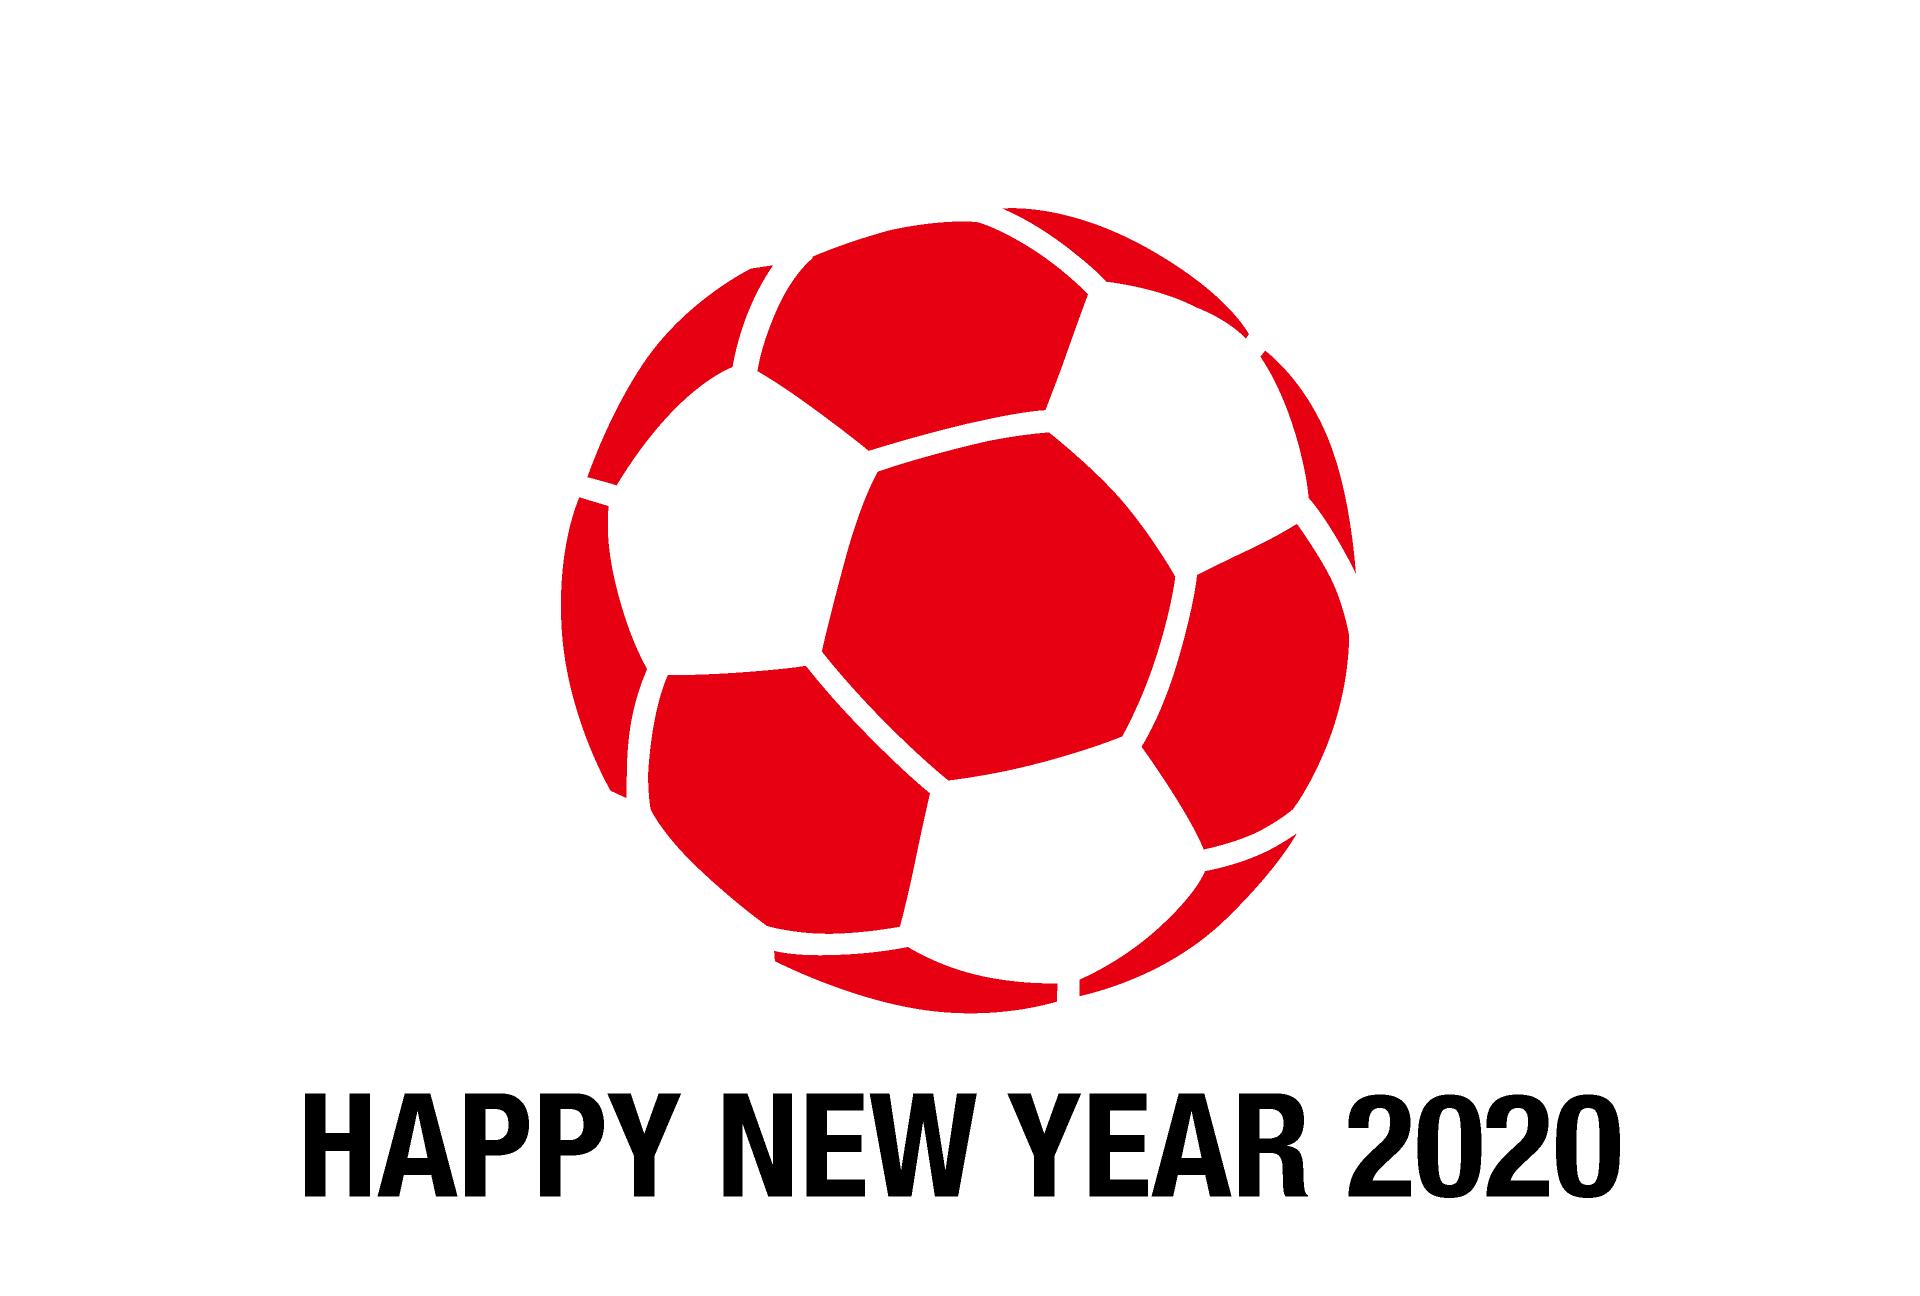 明けましておめでとうございます January 1, 2020_c0365198_16410060.png